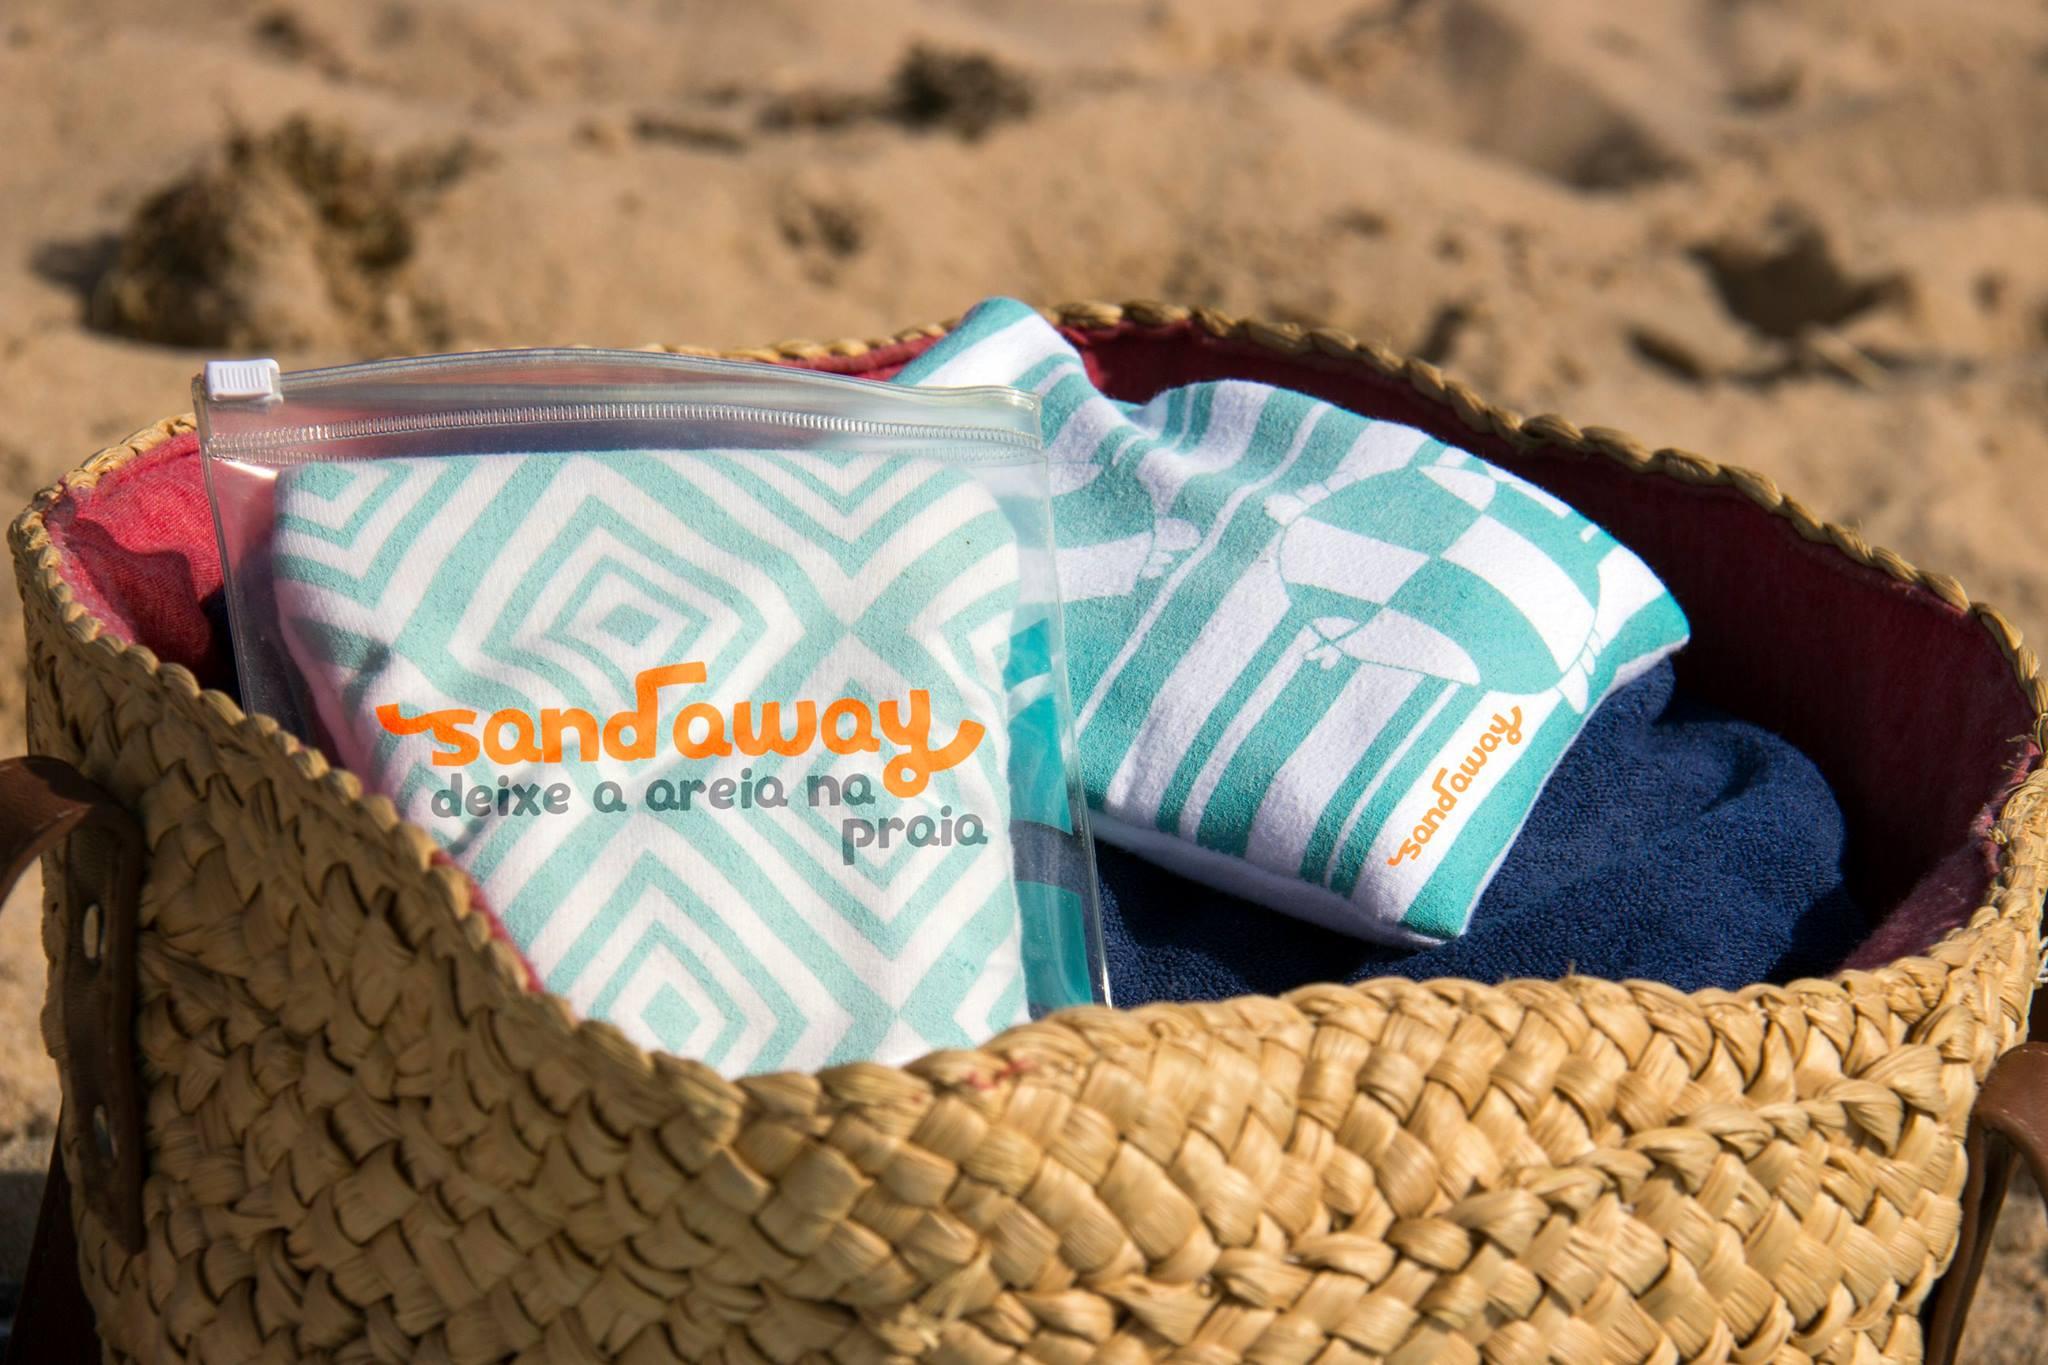 sandaway original deixe a areia na praia